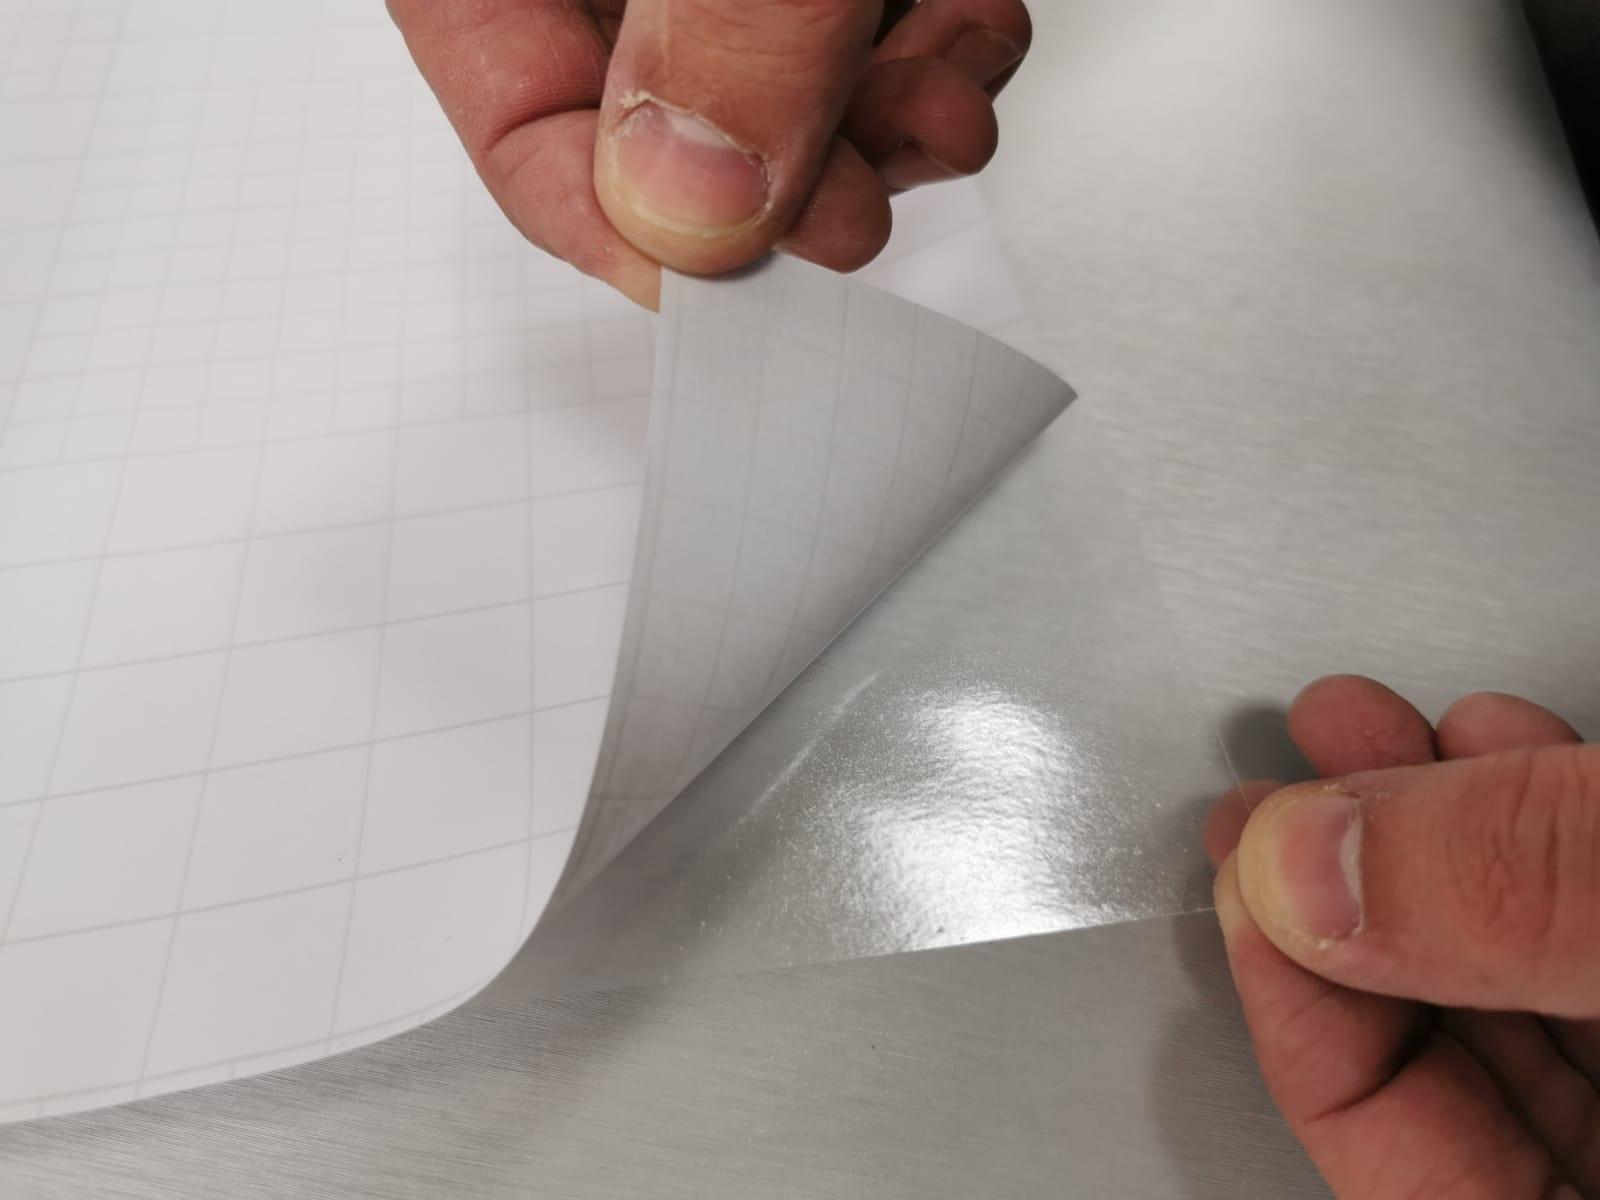 folie-blat-transparenta-60-cm-4623